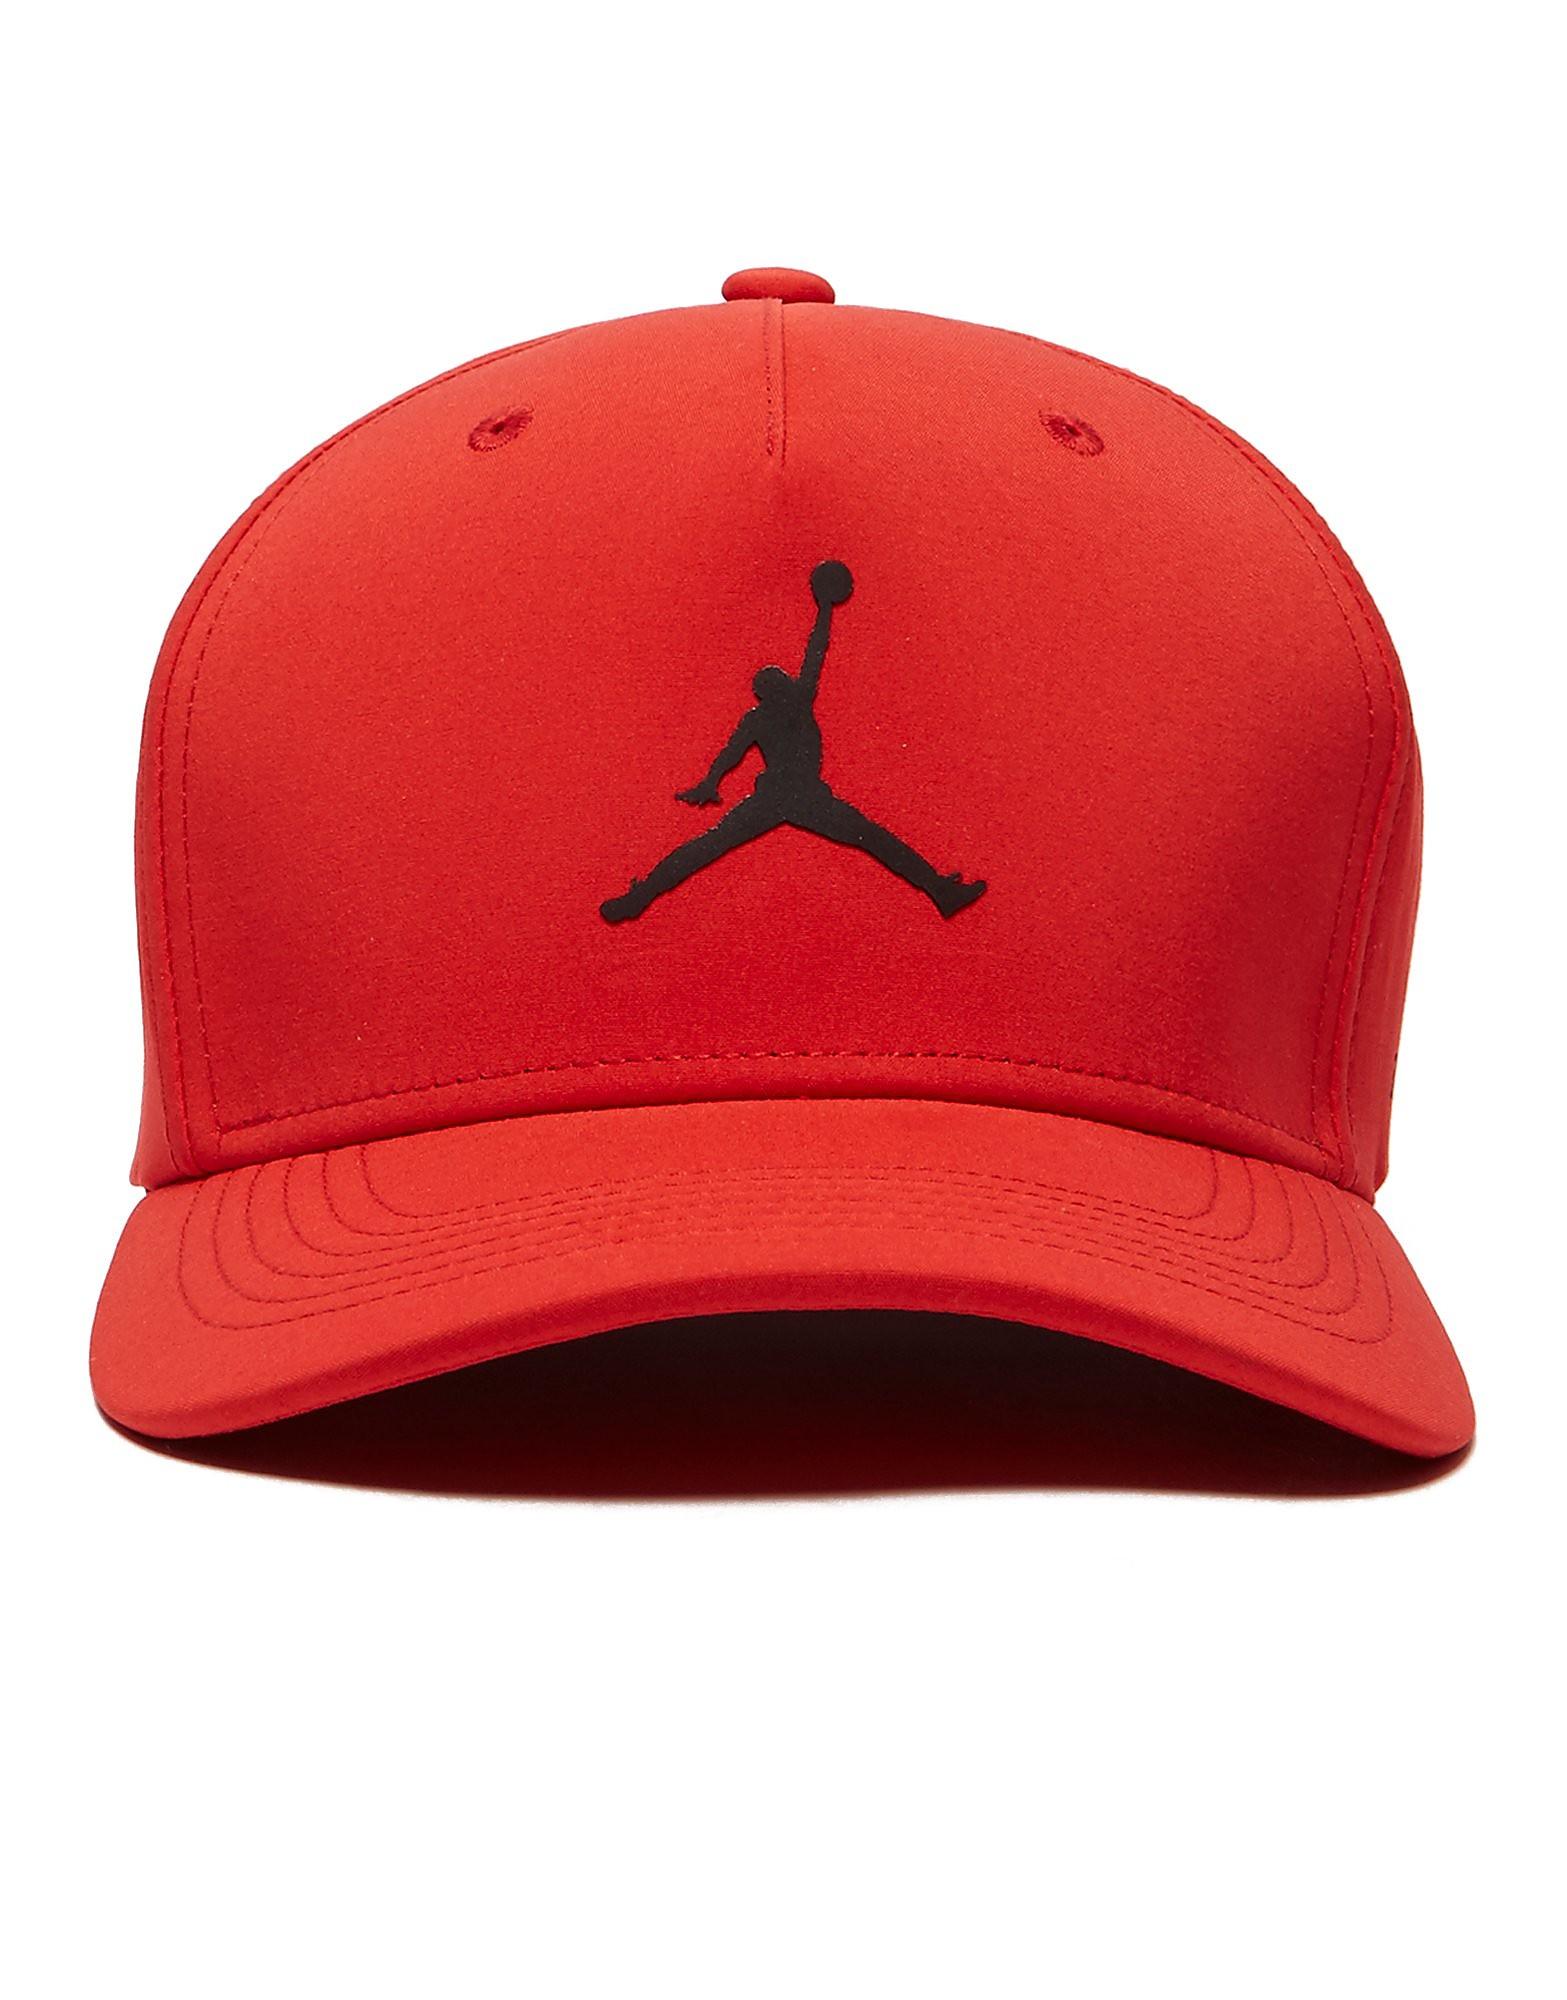 Jordan Air Jordan Baseball Cappellino